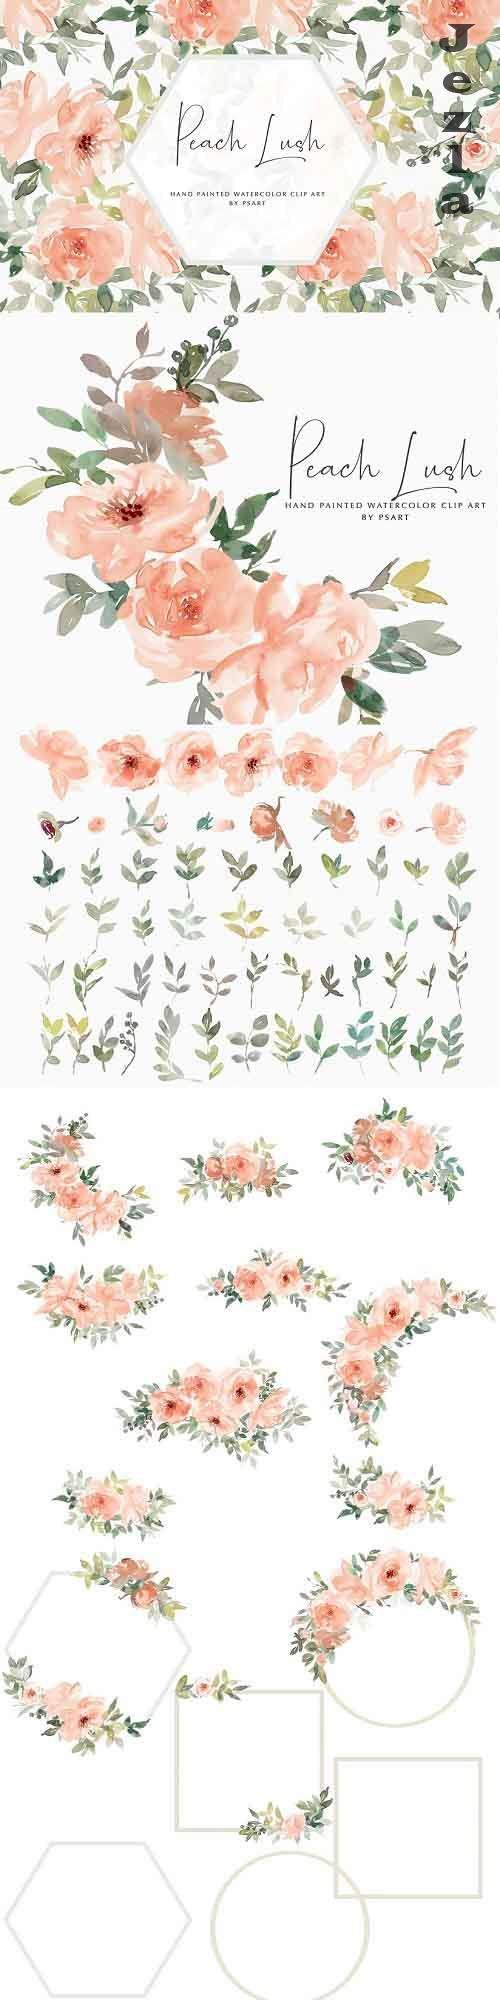 Watercolor Peach Floral Clipart Set - 4971181